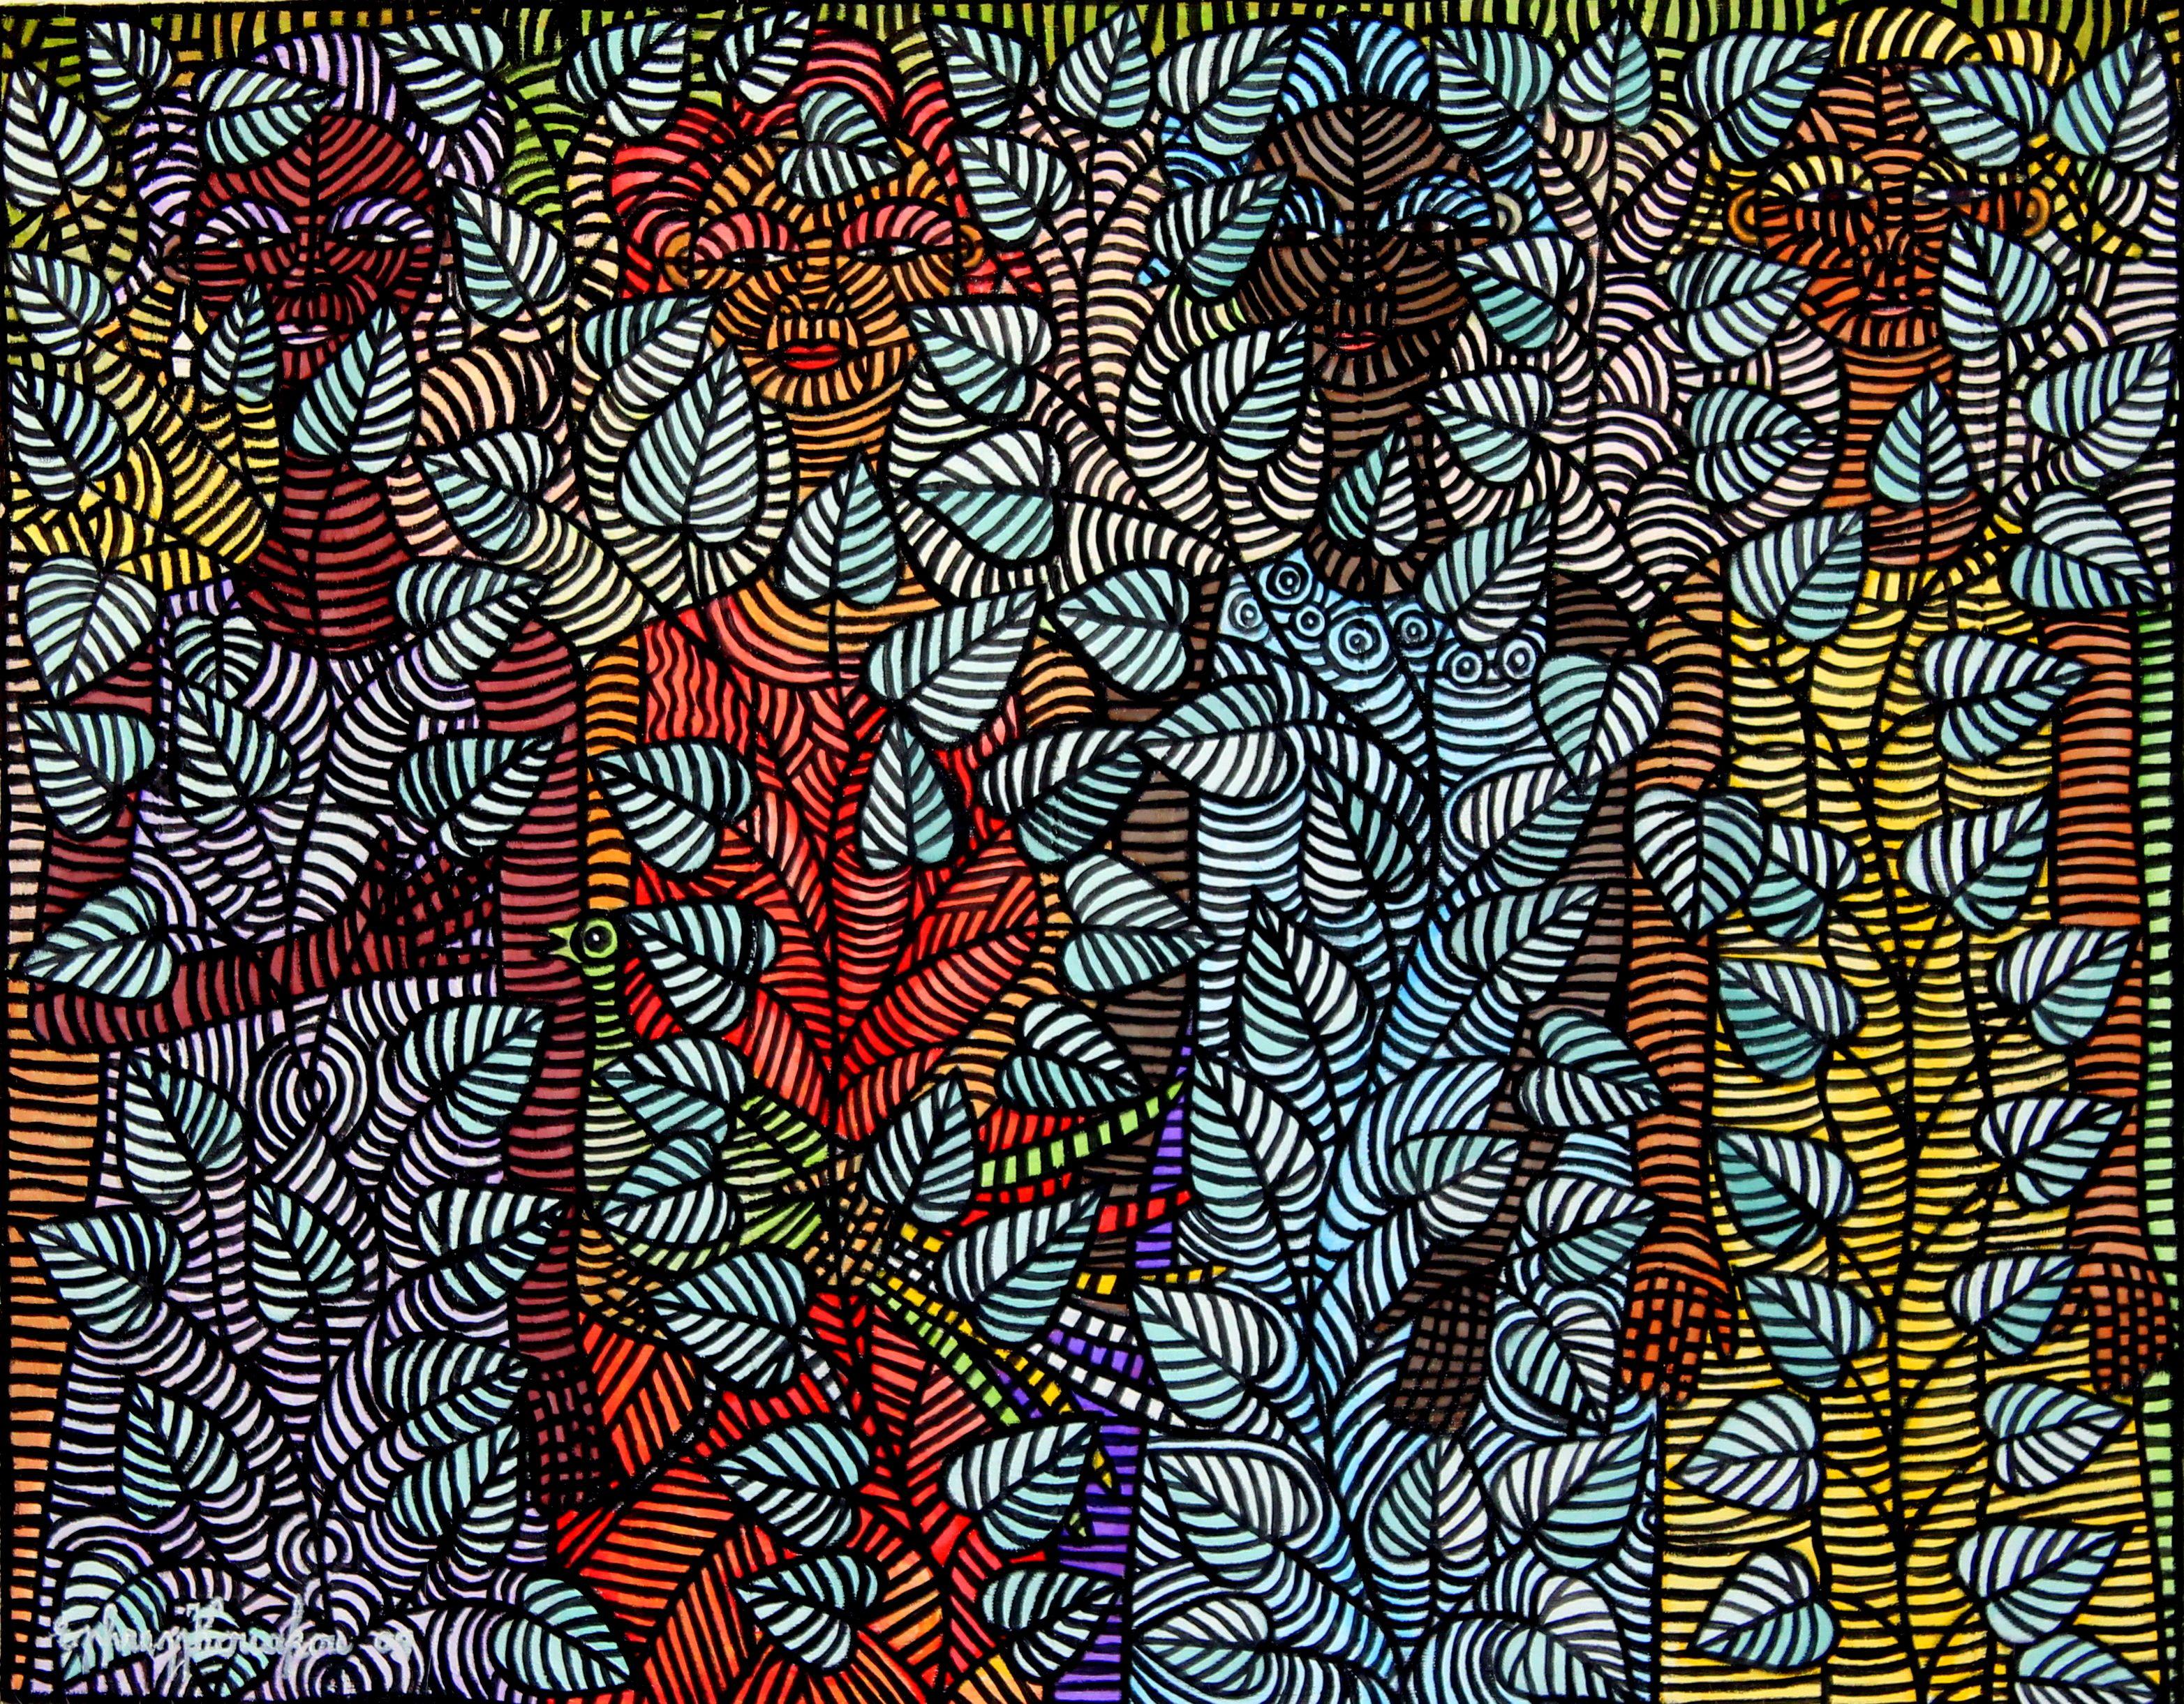 African Art  3129 X 2442, Ephrem Kouakou, Ivory Coast